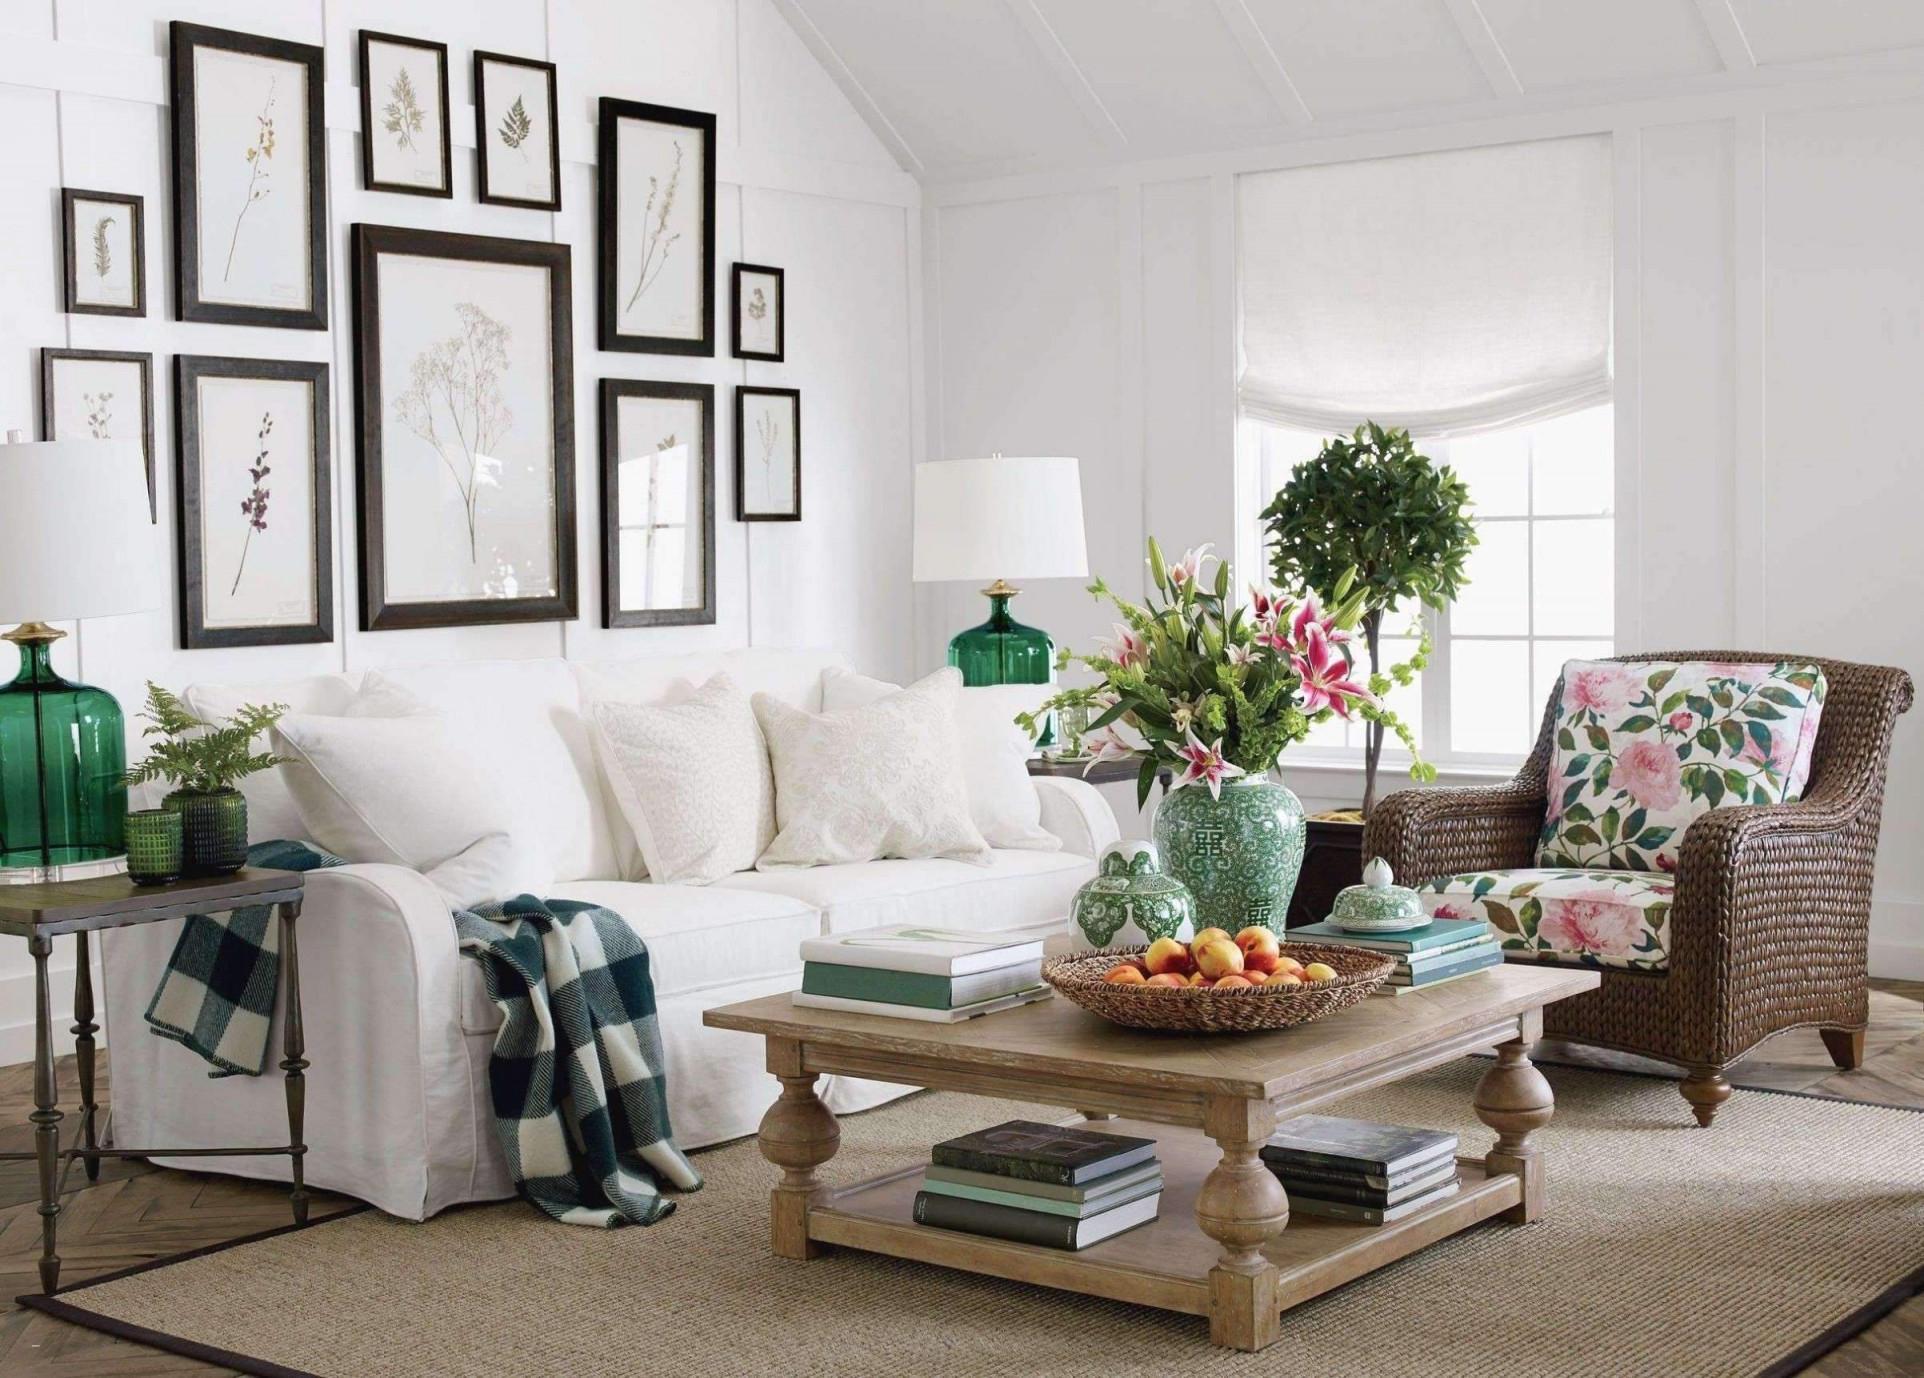 Tapete Wohnzimmer Luxus Wohnzimmer Tapezieren Ideen Frisch von Bilder Wohnzimmer Ideen Photo